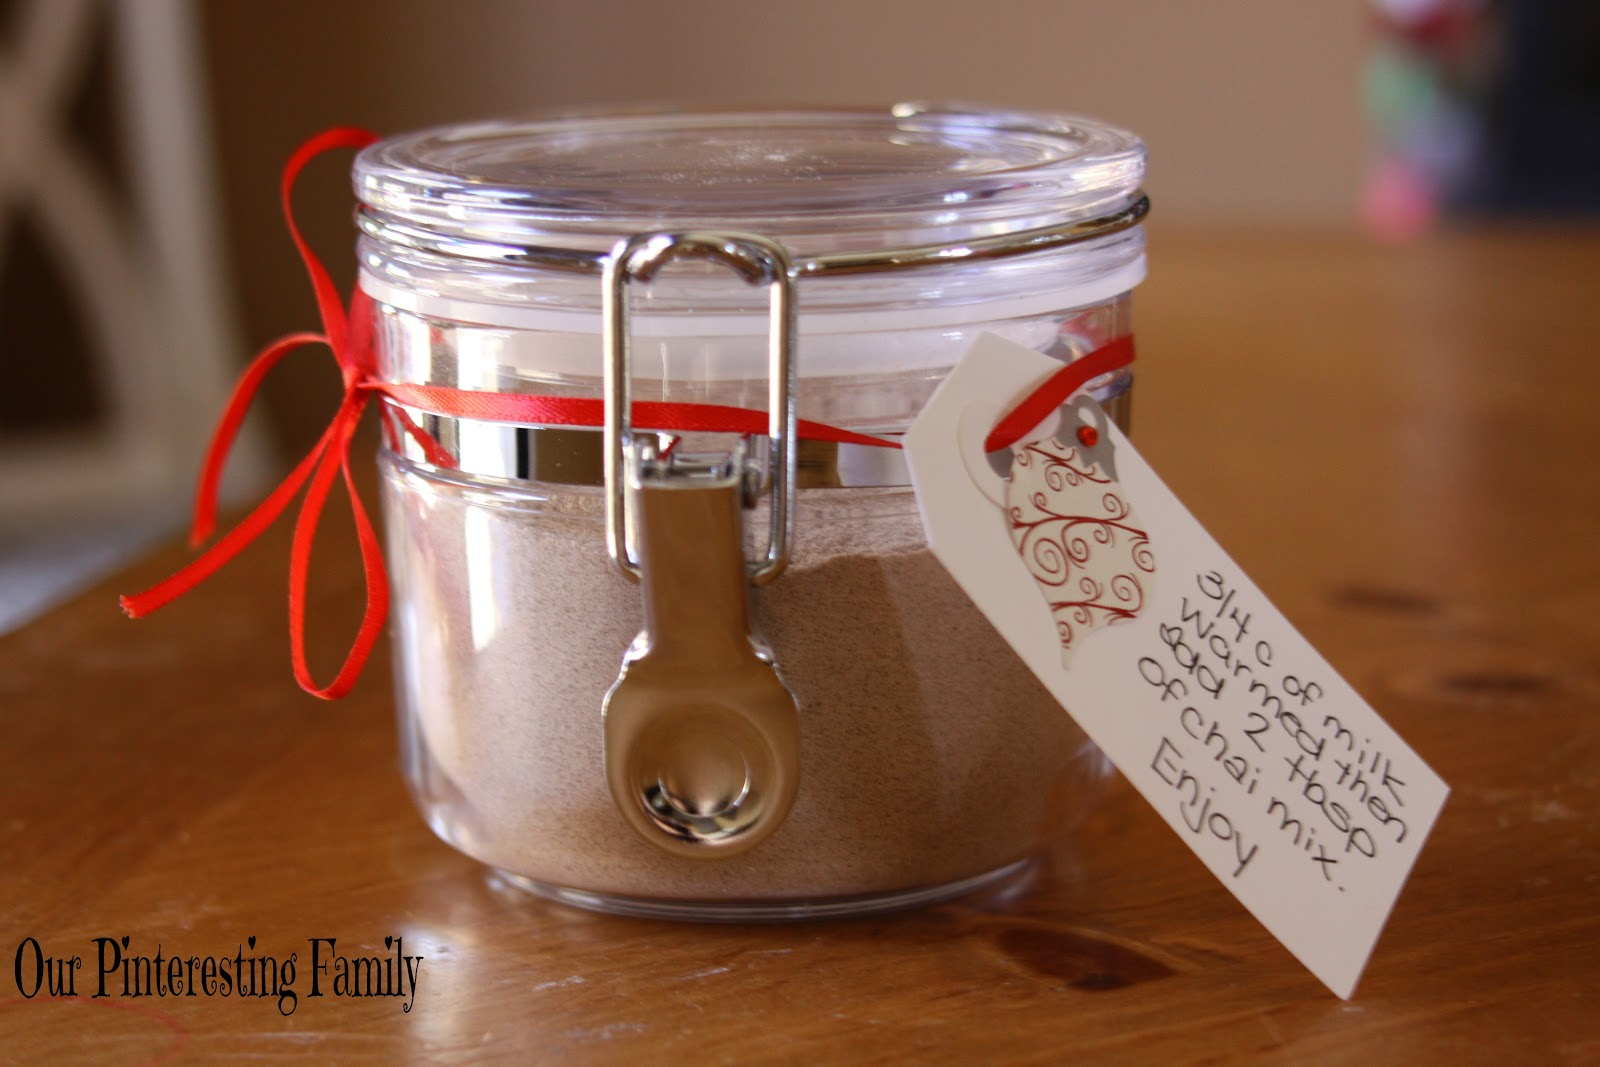 Our Pinteresting Family: Chai Tea Mix Gift